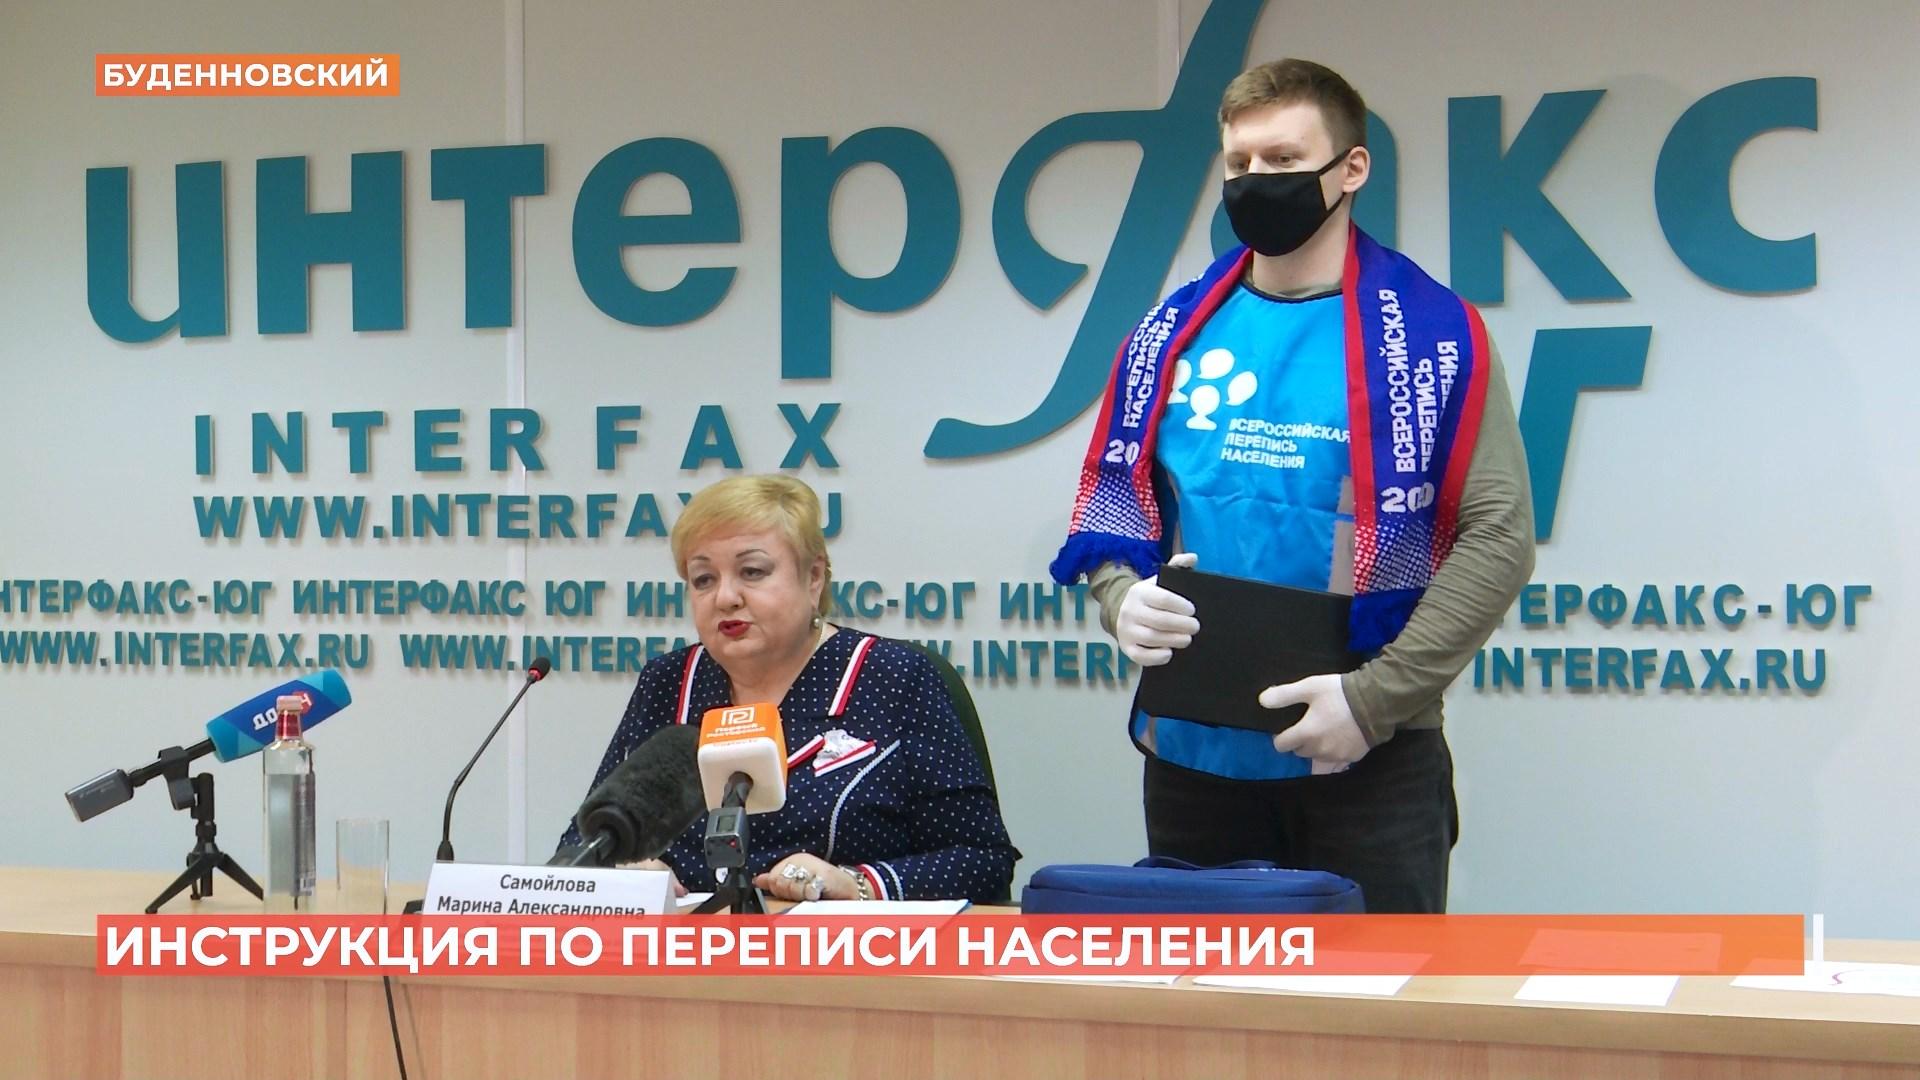 Всероссийская перепись населения начнется в эту пятницу